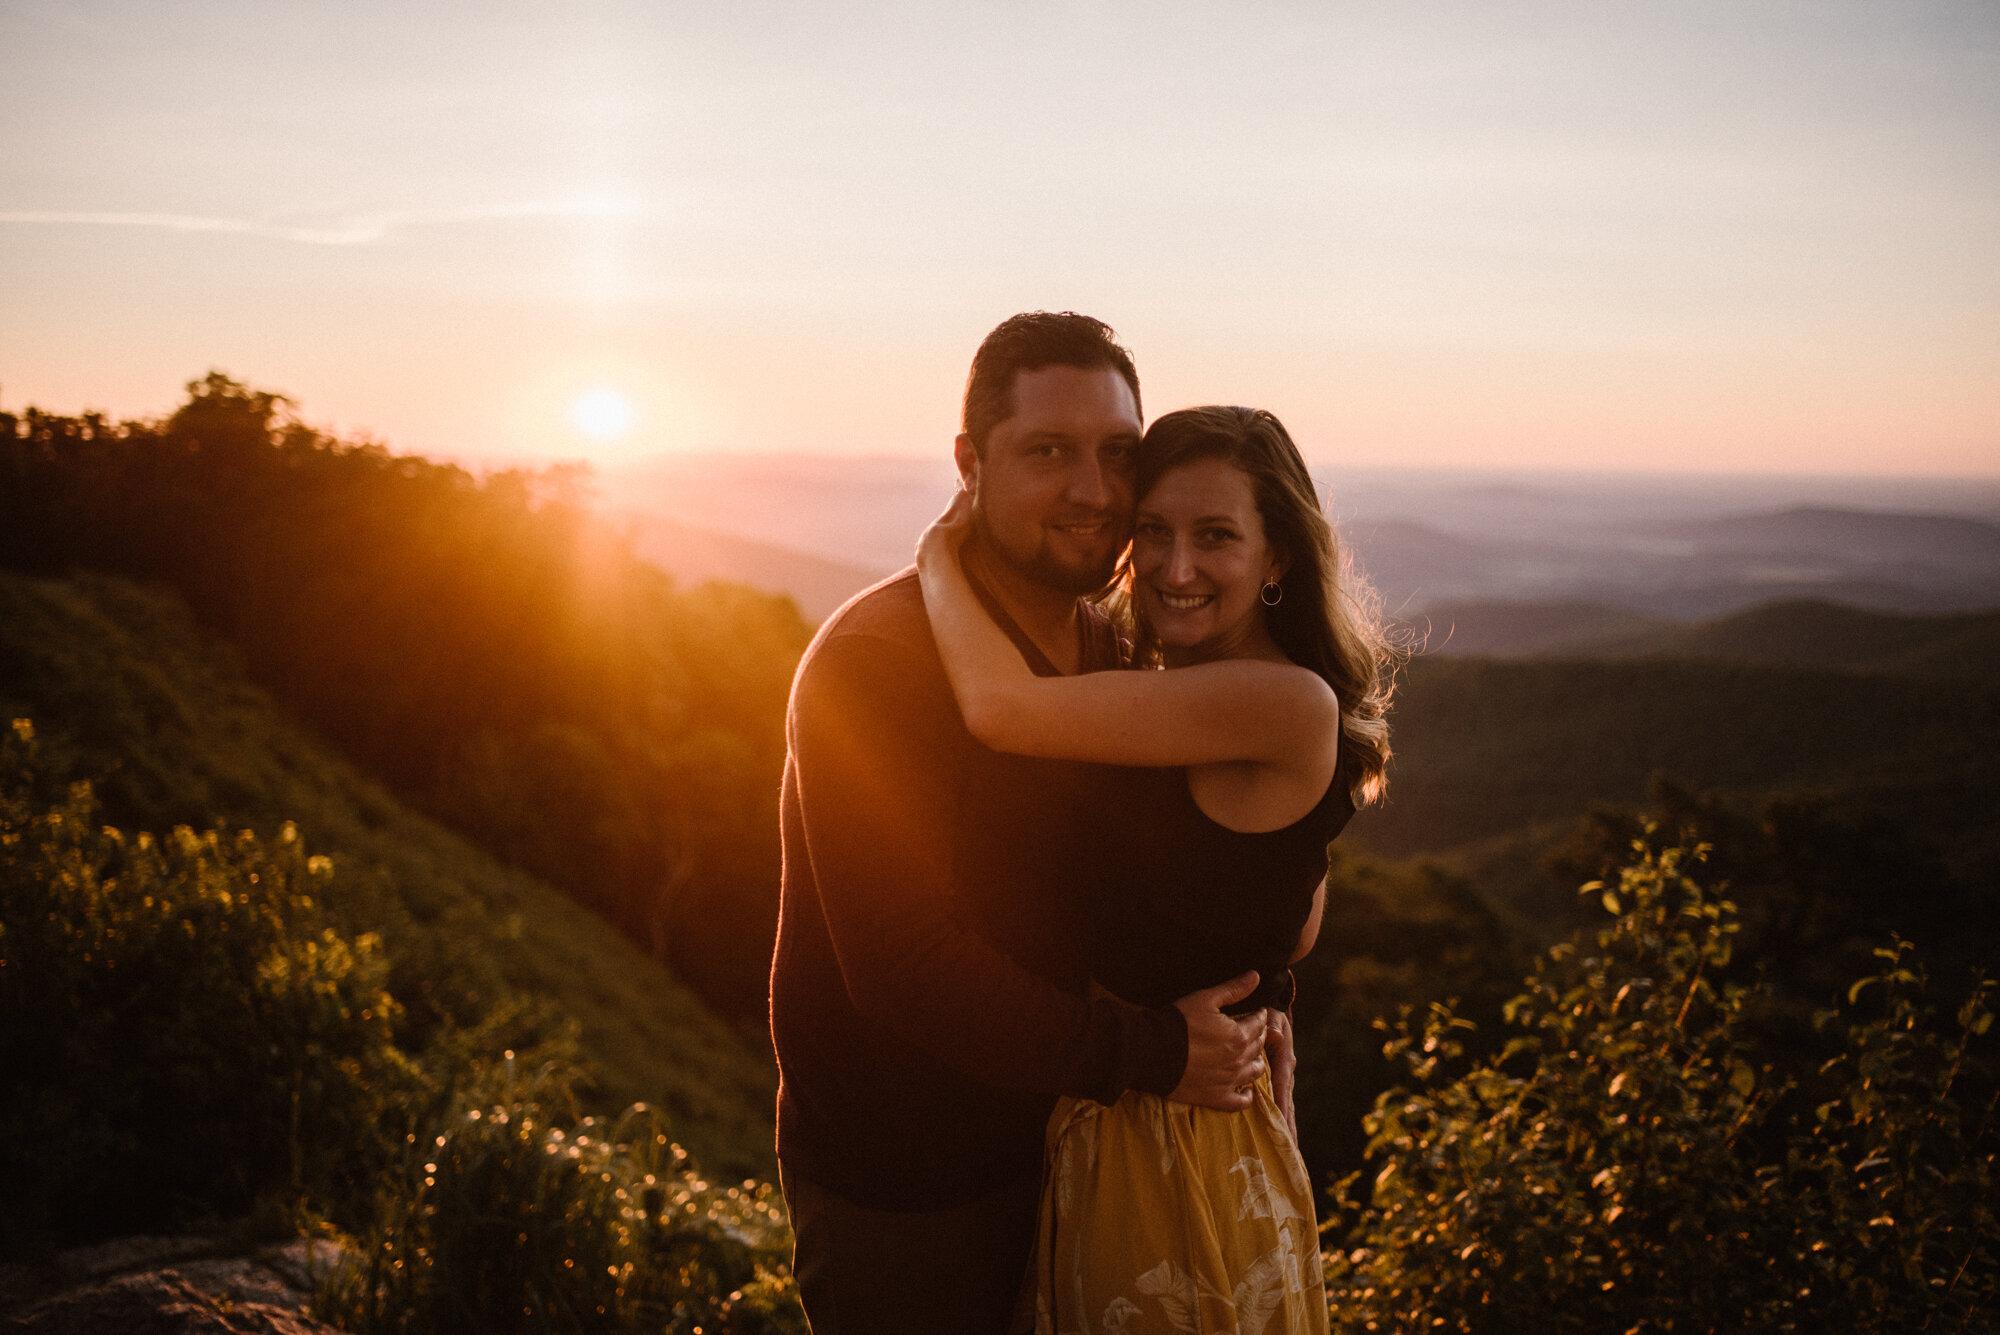 Shenandoah National Park Engagement Session - Sunrise Mountain Couple Photo Shoot - Blue Ridge Mountain Photo Shoot - Shenandoah National Park Photographer - White Sails Creative _9.jpg